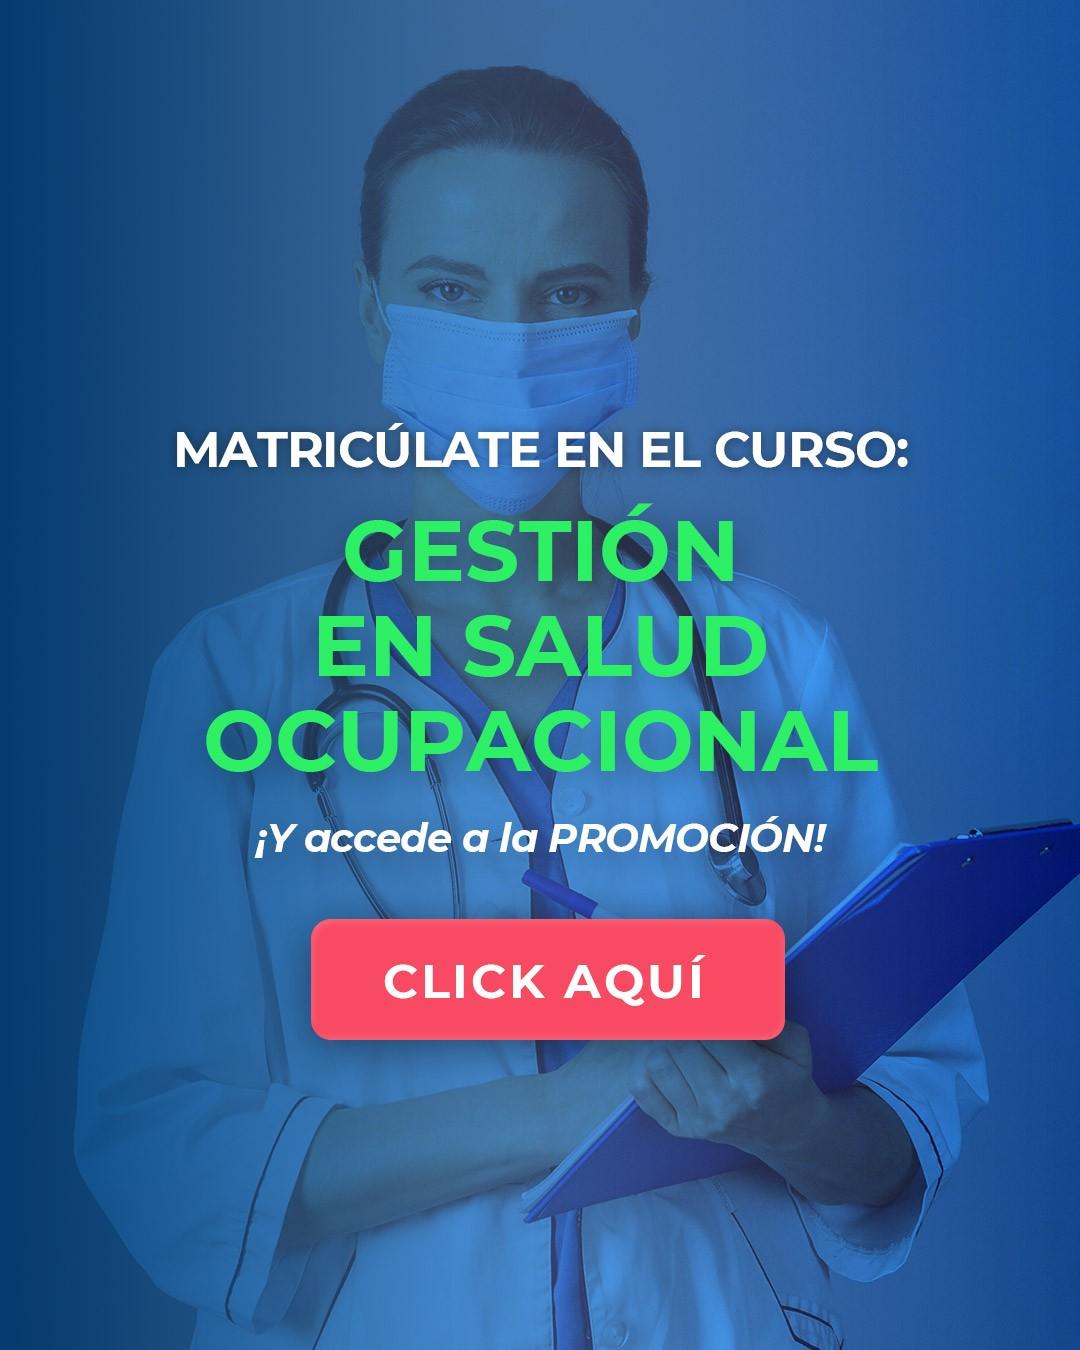 CURSO DE GESTIÓN EN SALUD OCUPACIONAL CELULAR